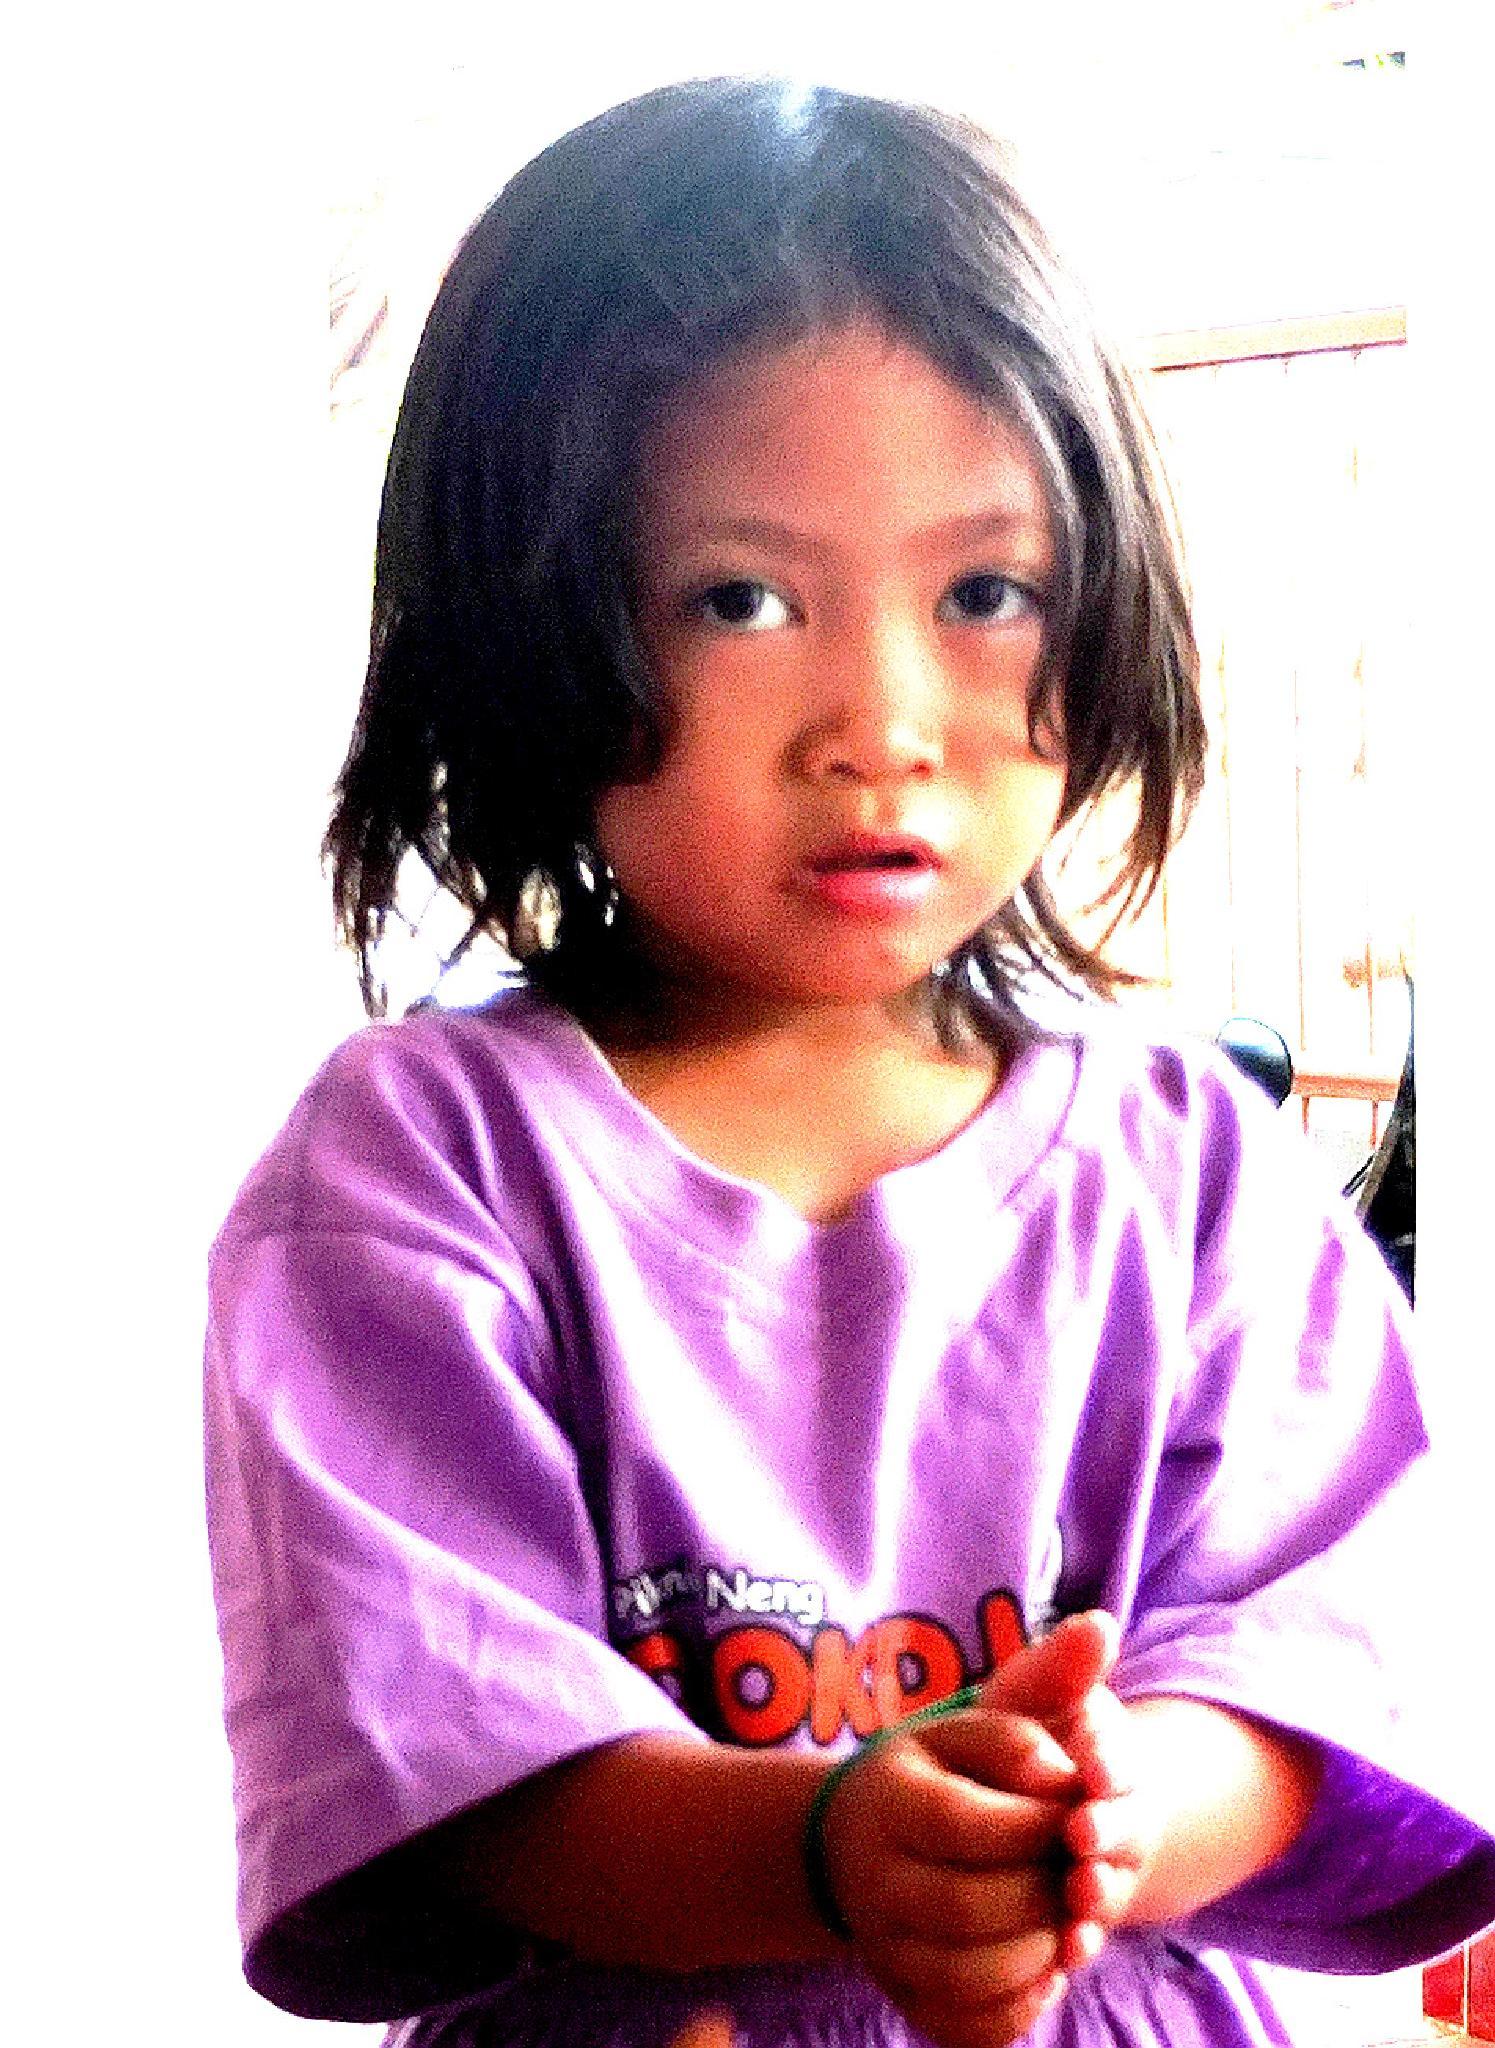 Baby Girl in Purple by Lukiman